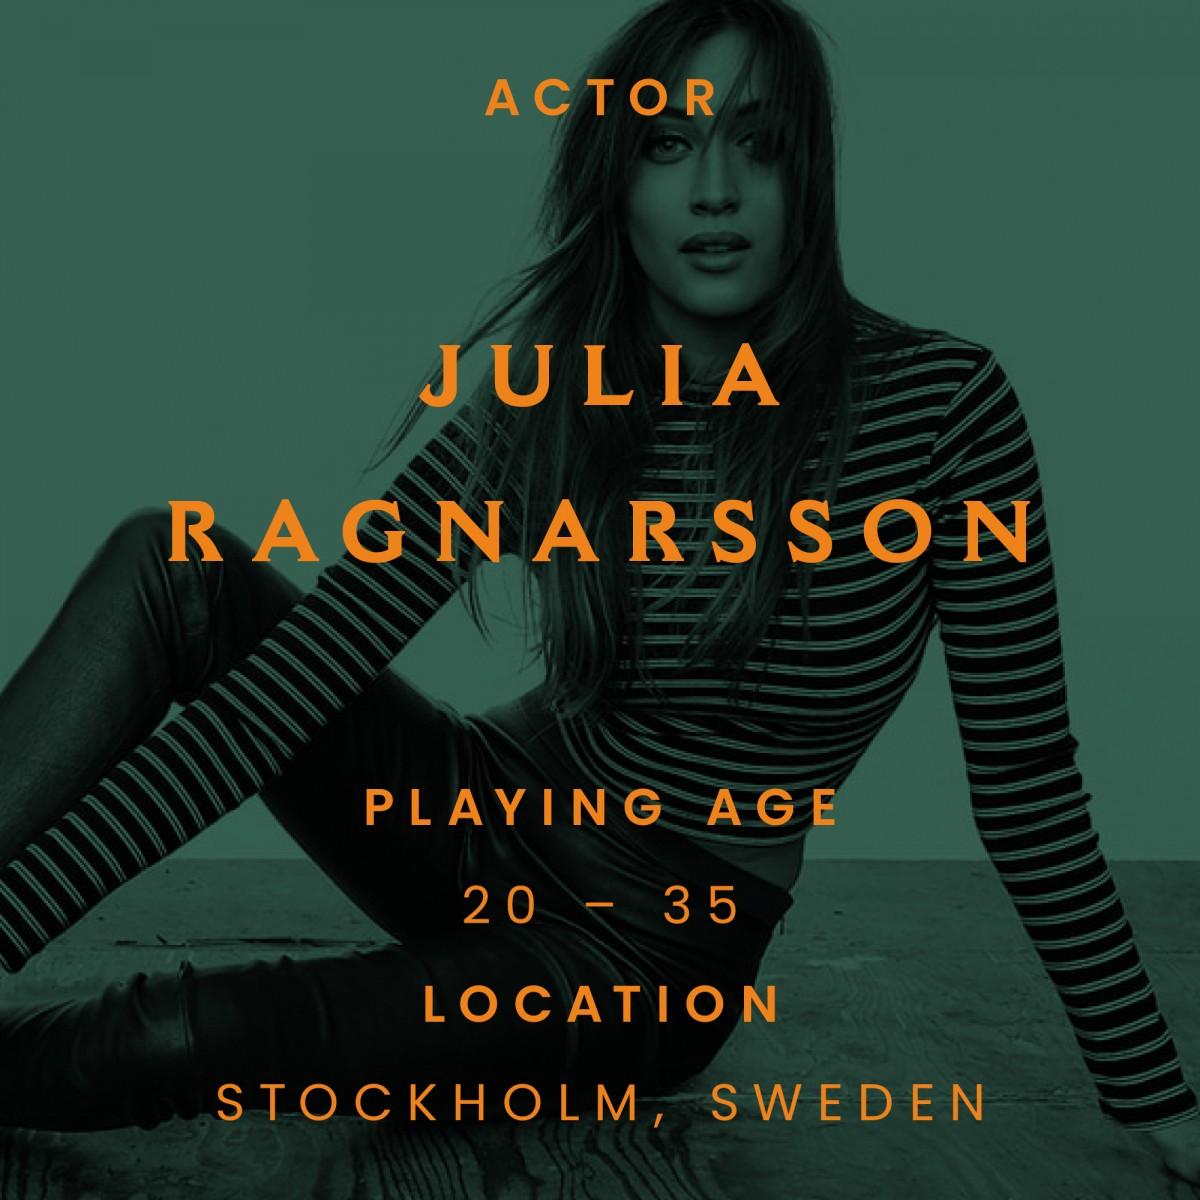 Julia ragnarsson, actor, sweden